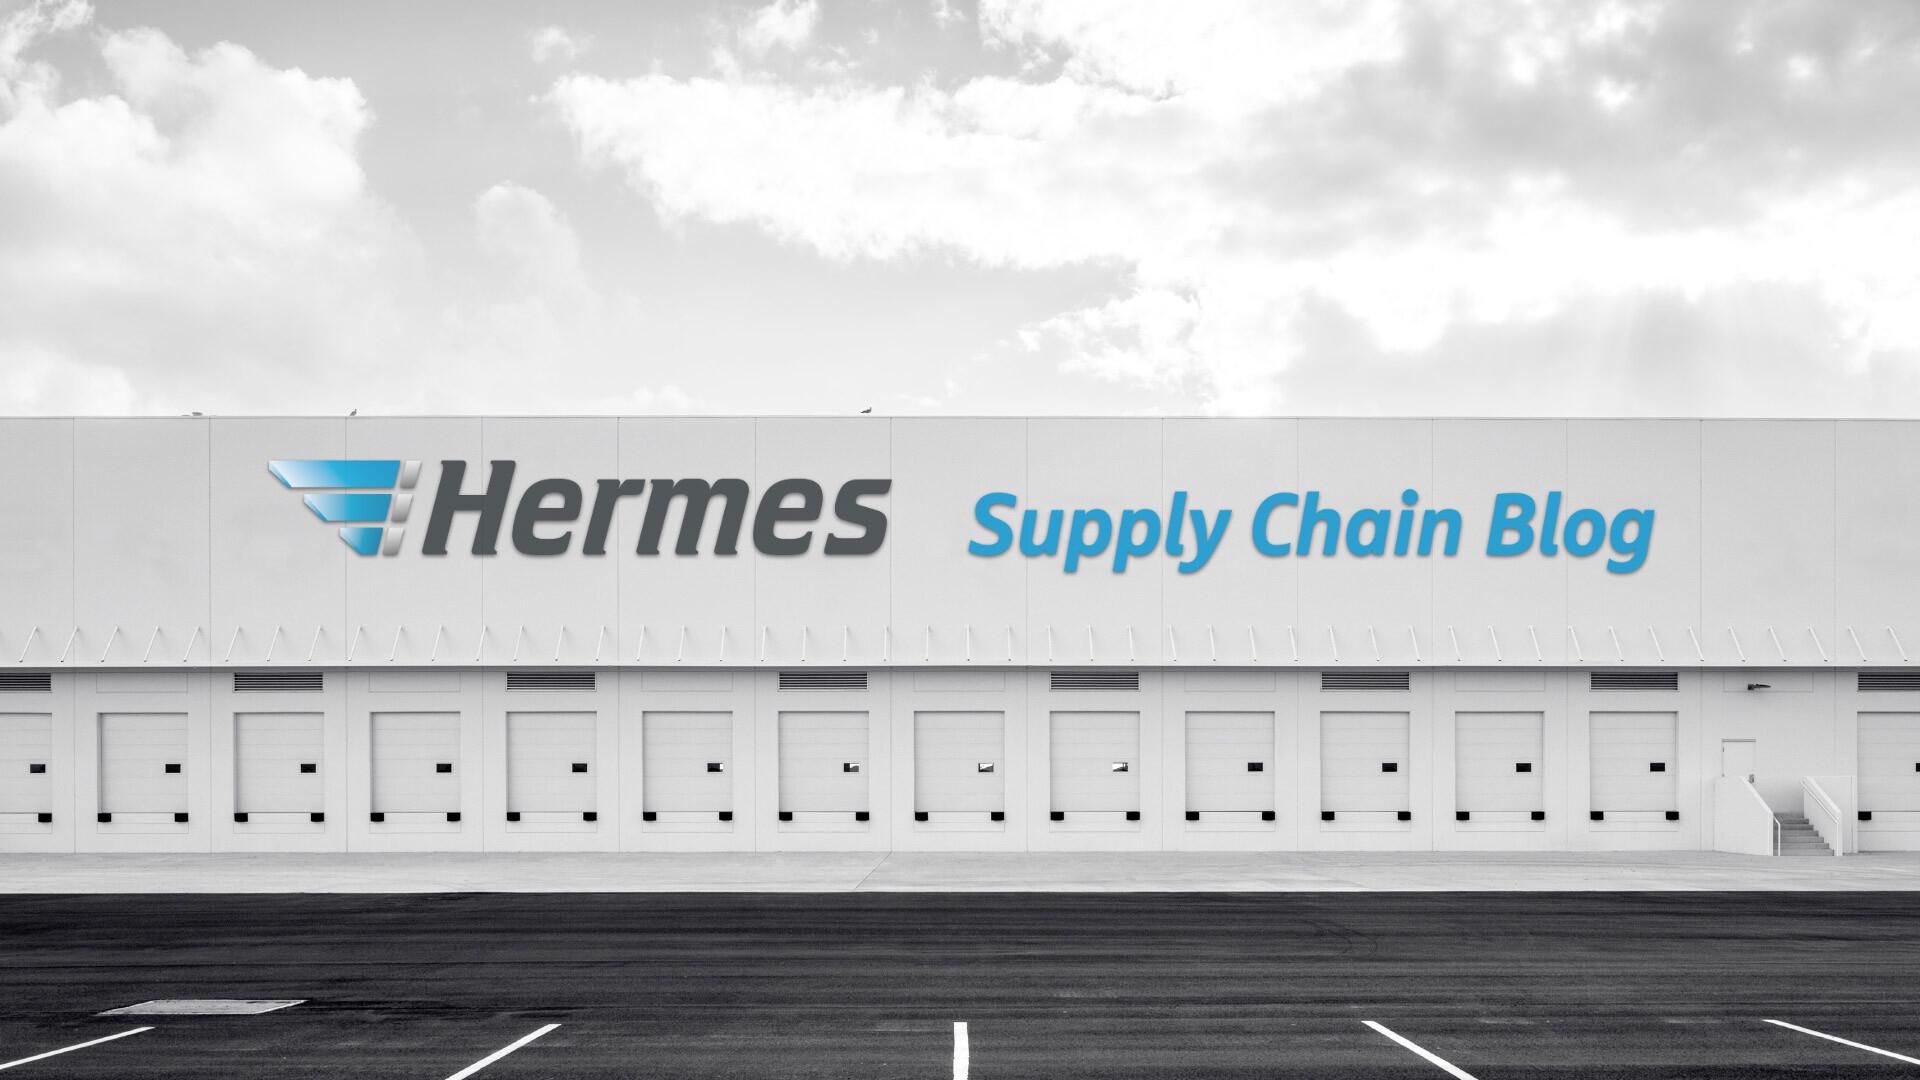 Hermes Supply Chain Blog